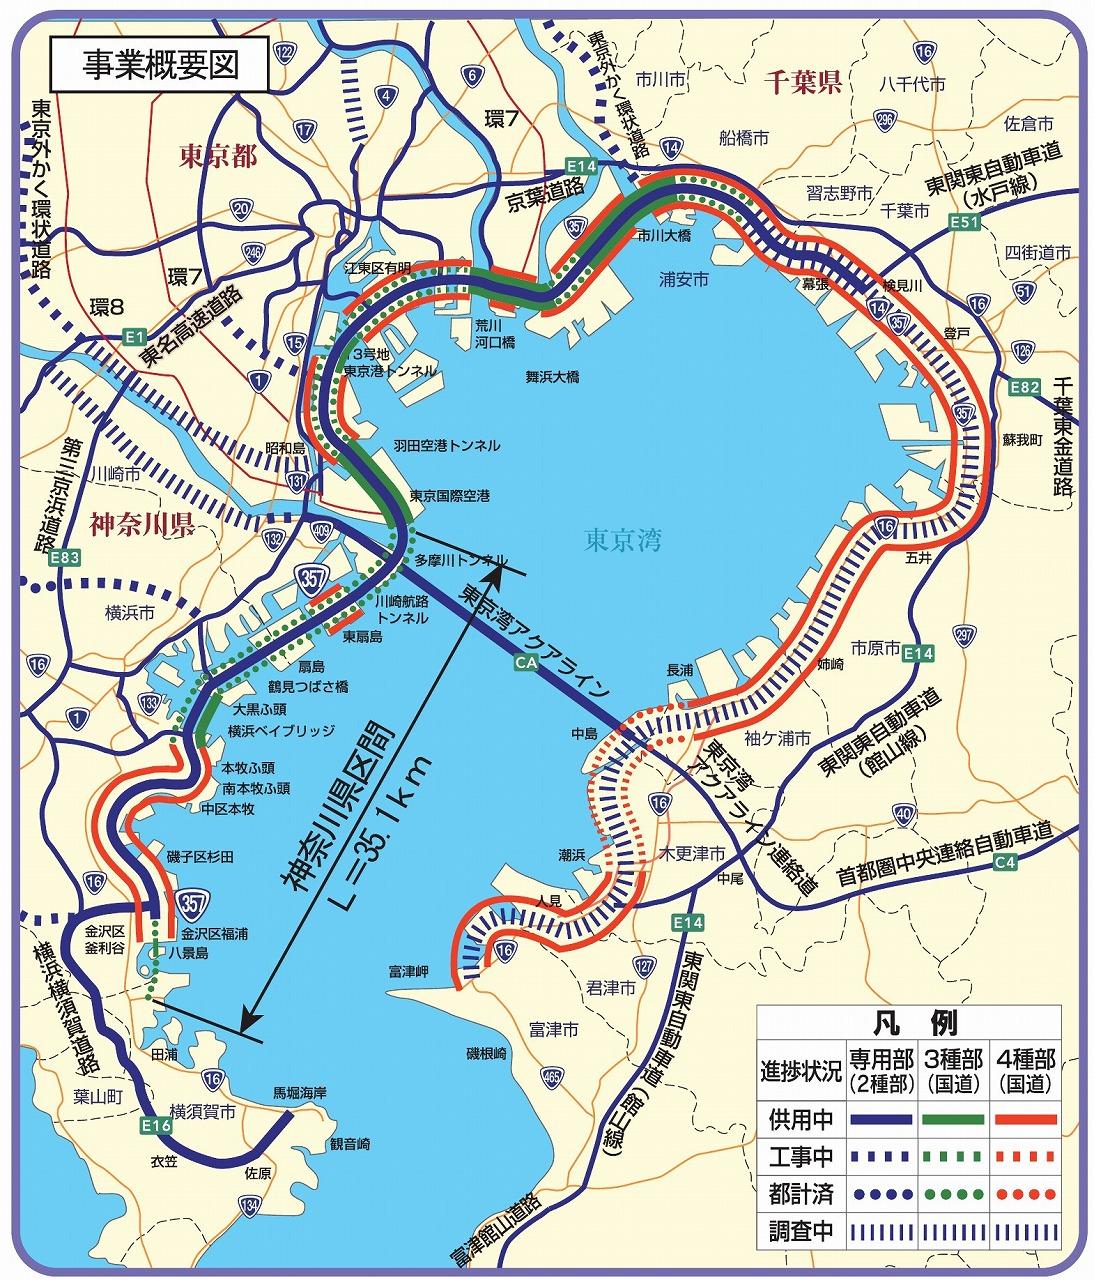 国道357号線概略図